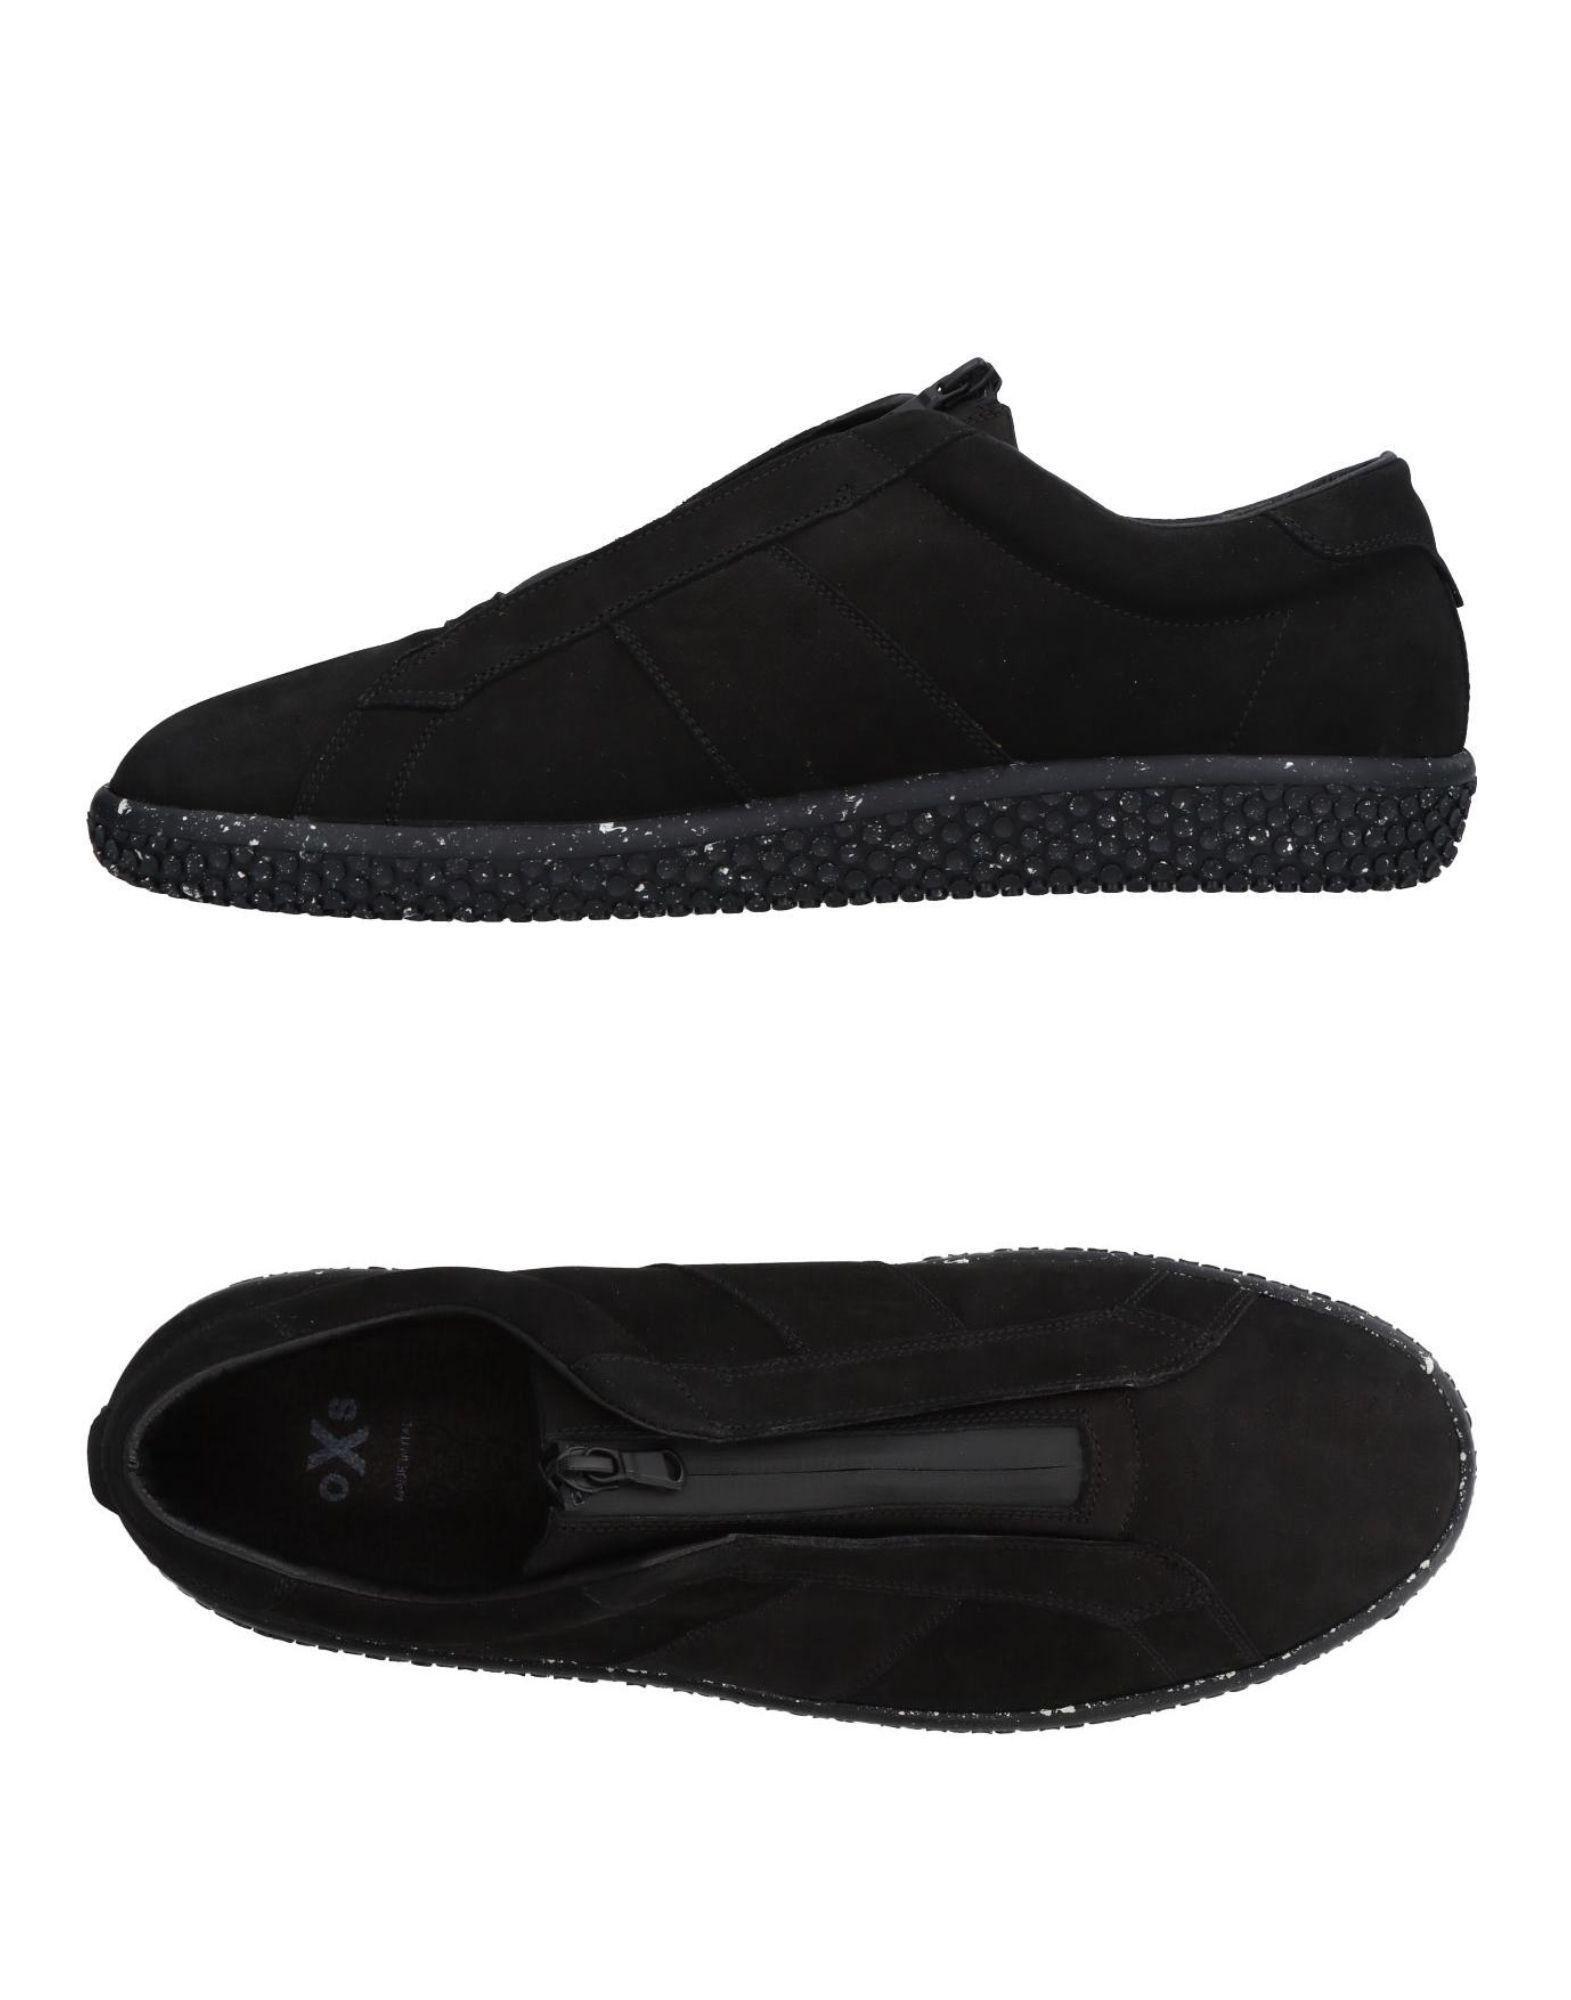 Sneakers O.X.S. Uomo - 11472089VD Scarpe economiche e buone